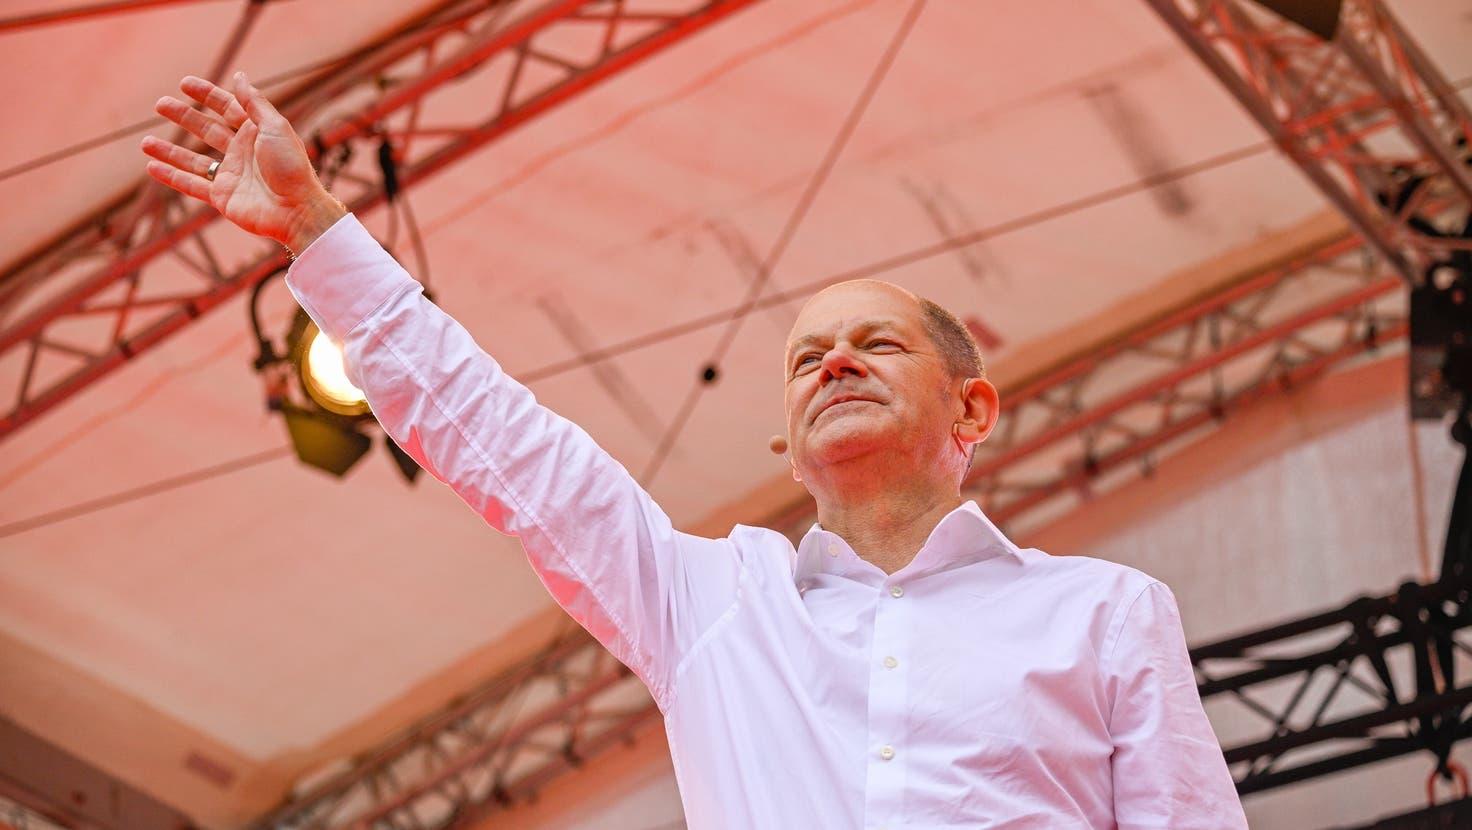 Hochrechnung: SPD knapp vorne mit24,9% - CDU/CSU bei 24,7%, Grüne bei 14,8% ++ Olaf Scholz: «Das ist ein grosser Erfolg»